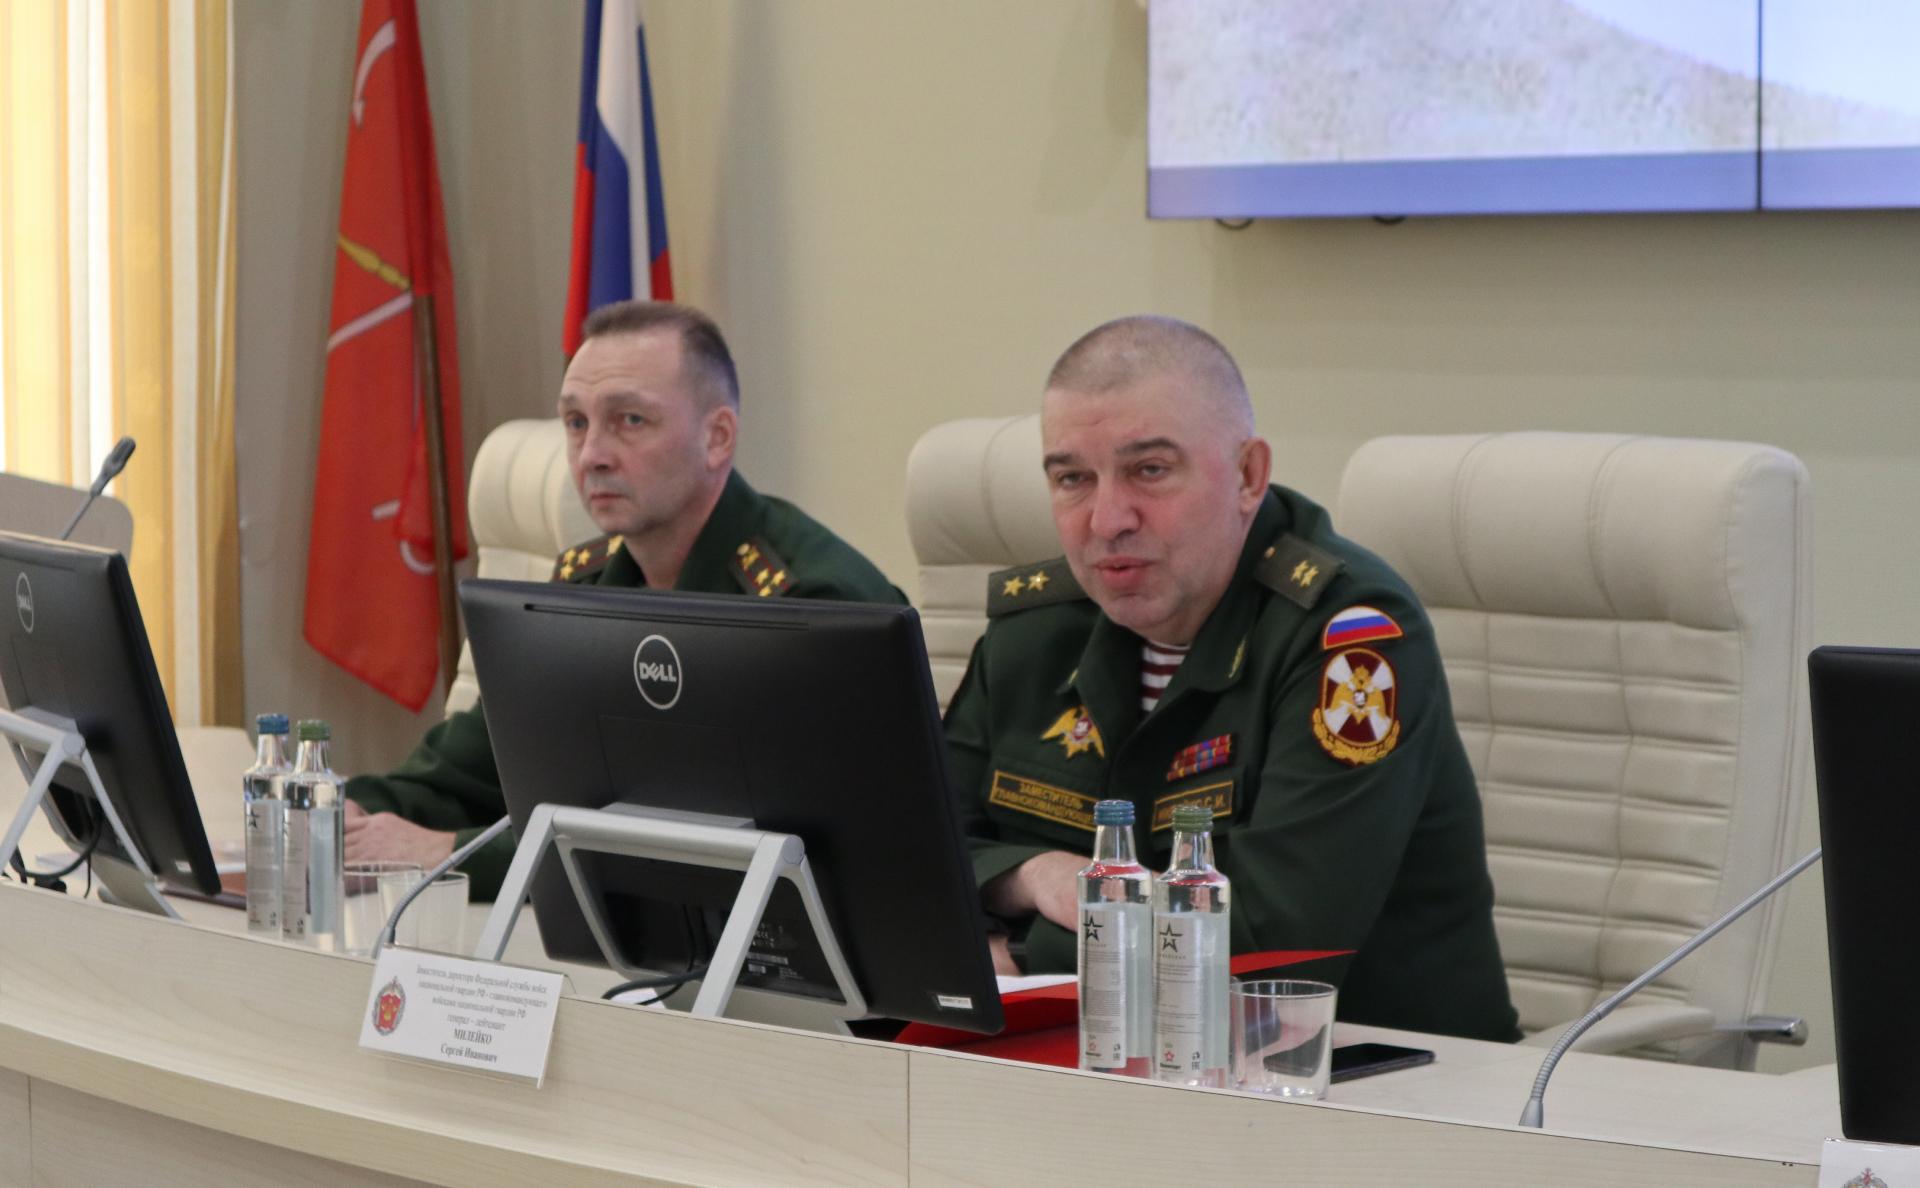 Сергей Милейко (справа)